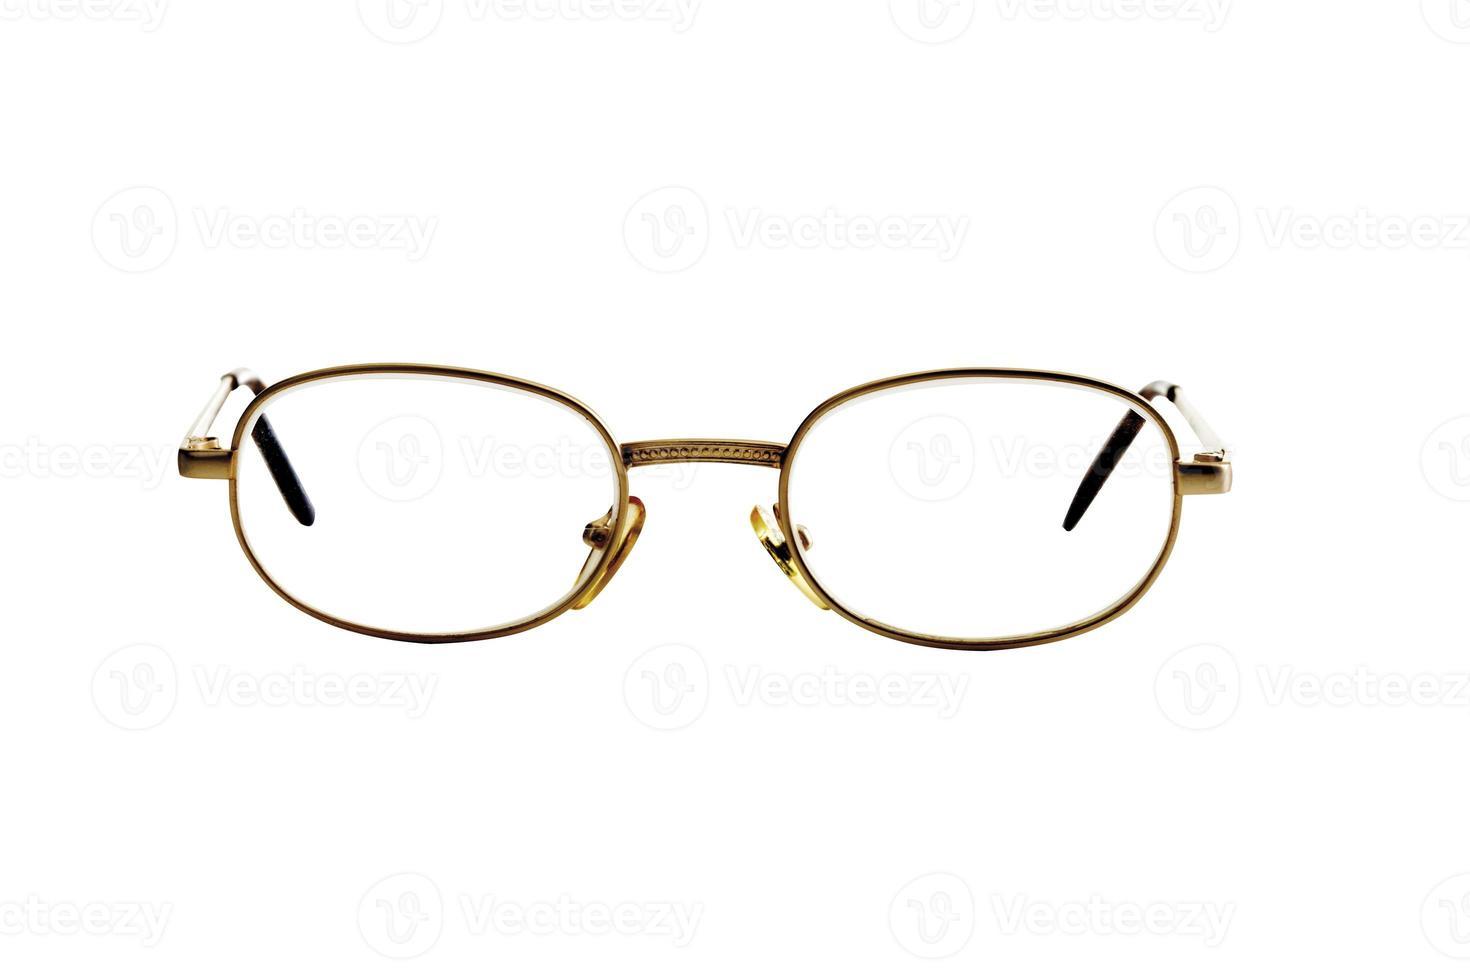 glasögon, närbild foto